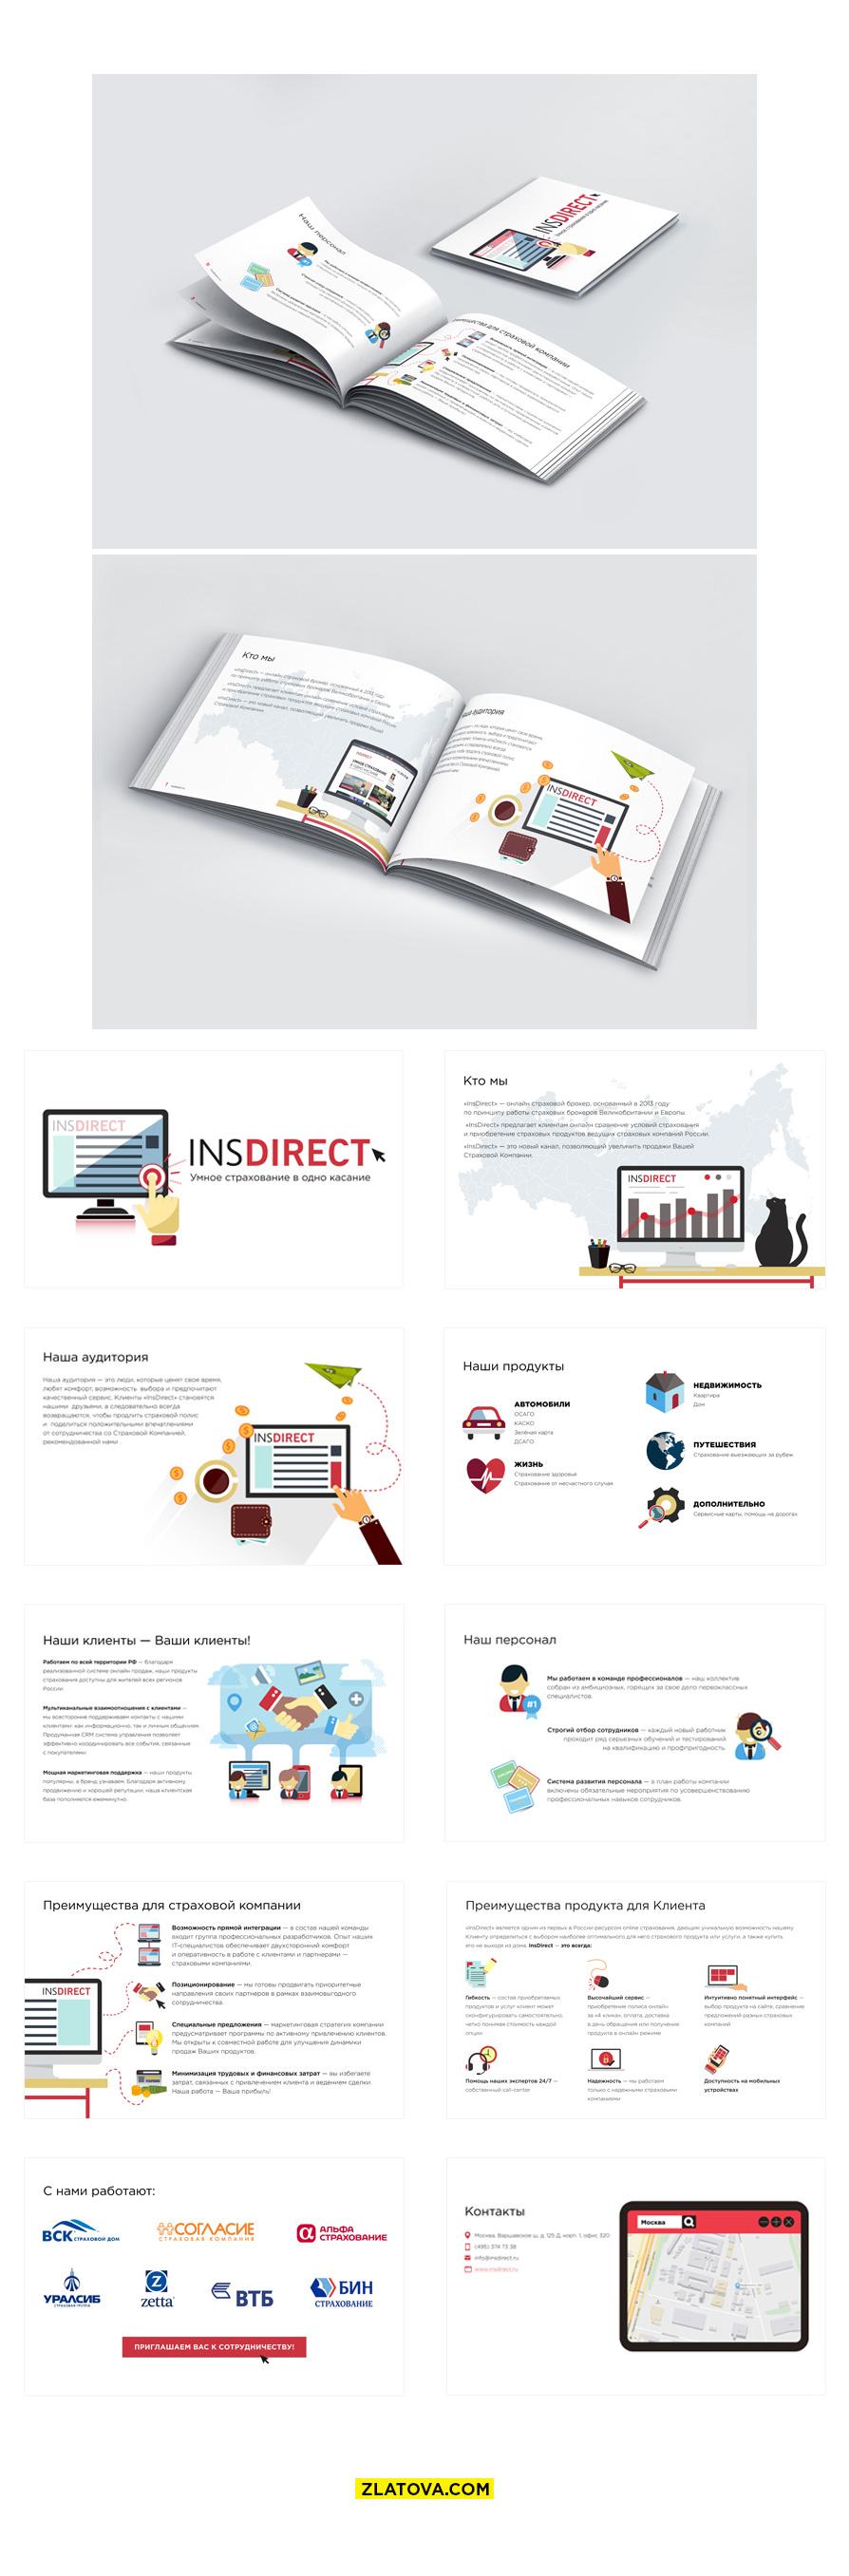 Insdirect — презентация v.2